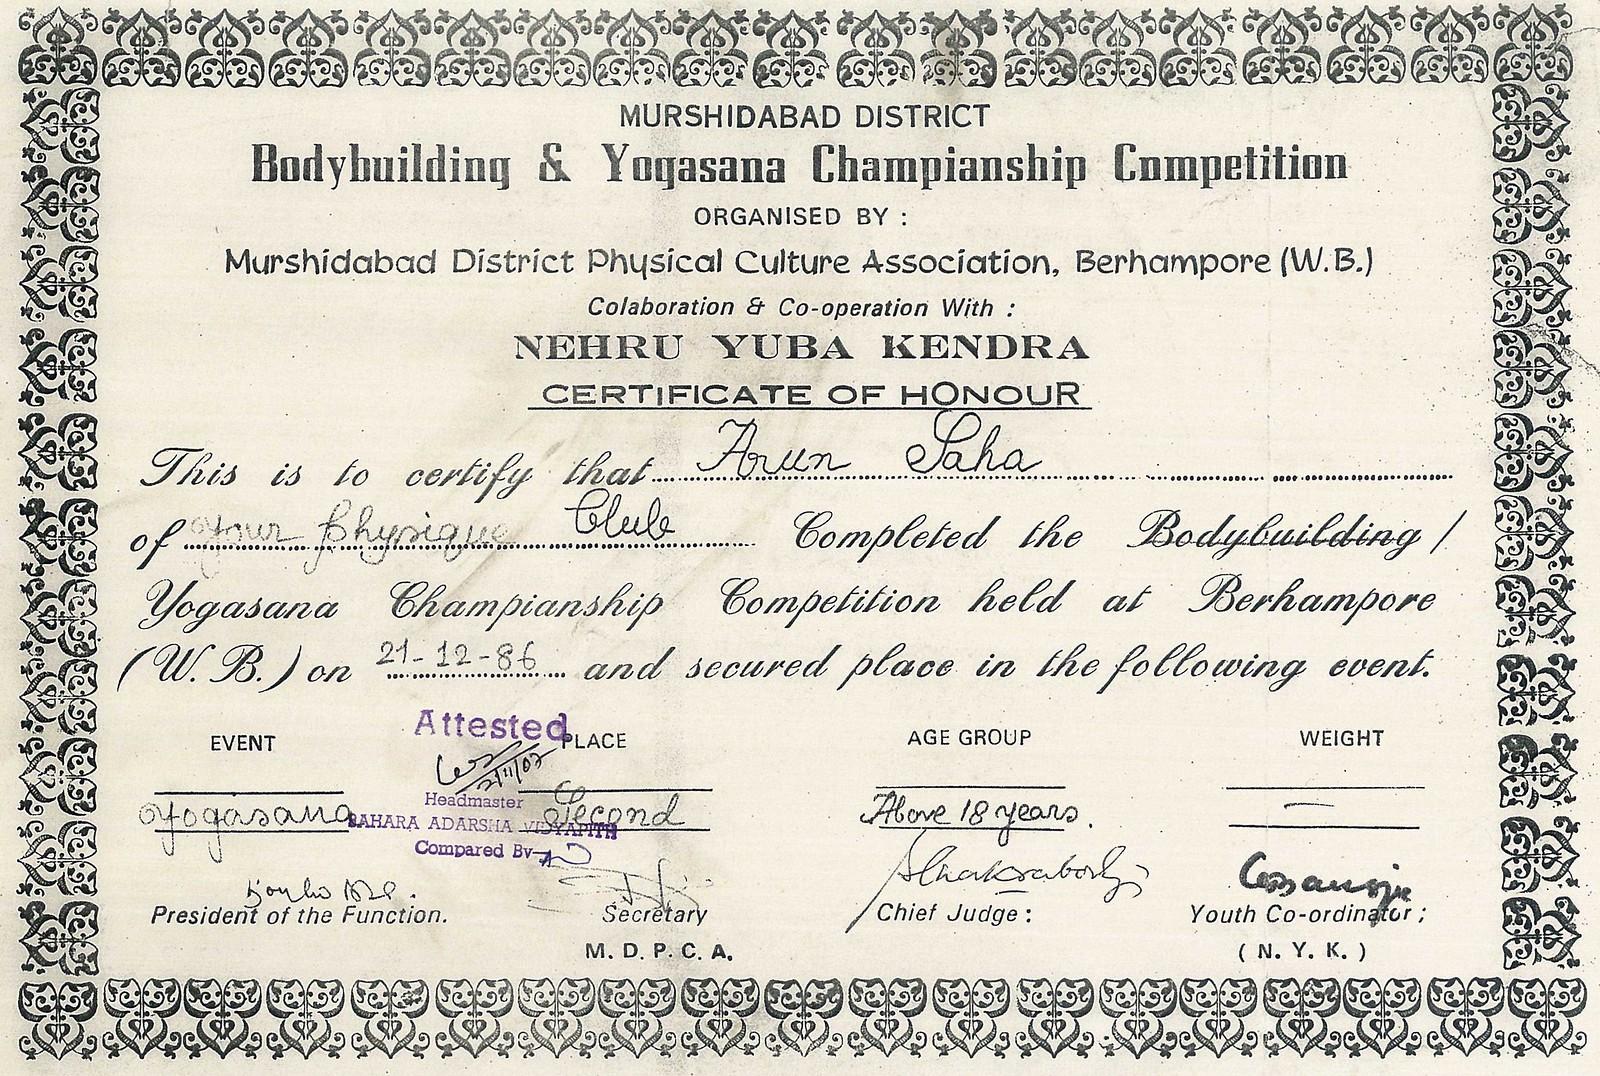 Arun Da (Certificates)